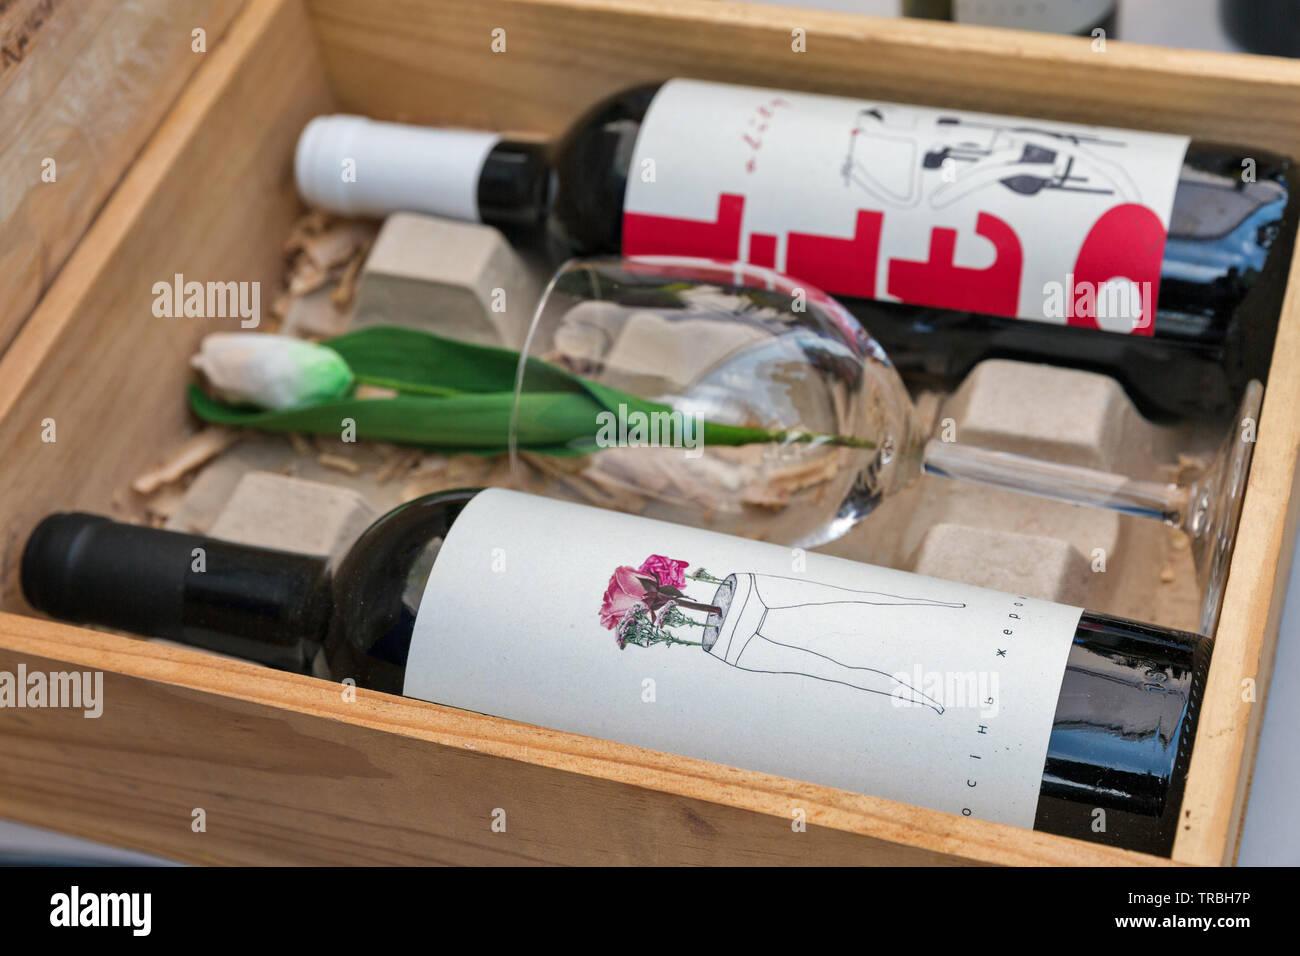 Kiev, Ucraina - 21 Aprile 2019: Design ucraino di bottiglie di vino presso lo stand durante il cibo ed il vino in festa Expocenter nazionale, una permanente multi-scopo Foto Stock